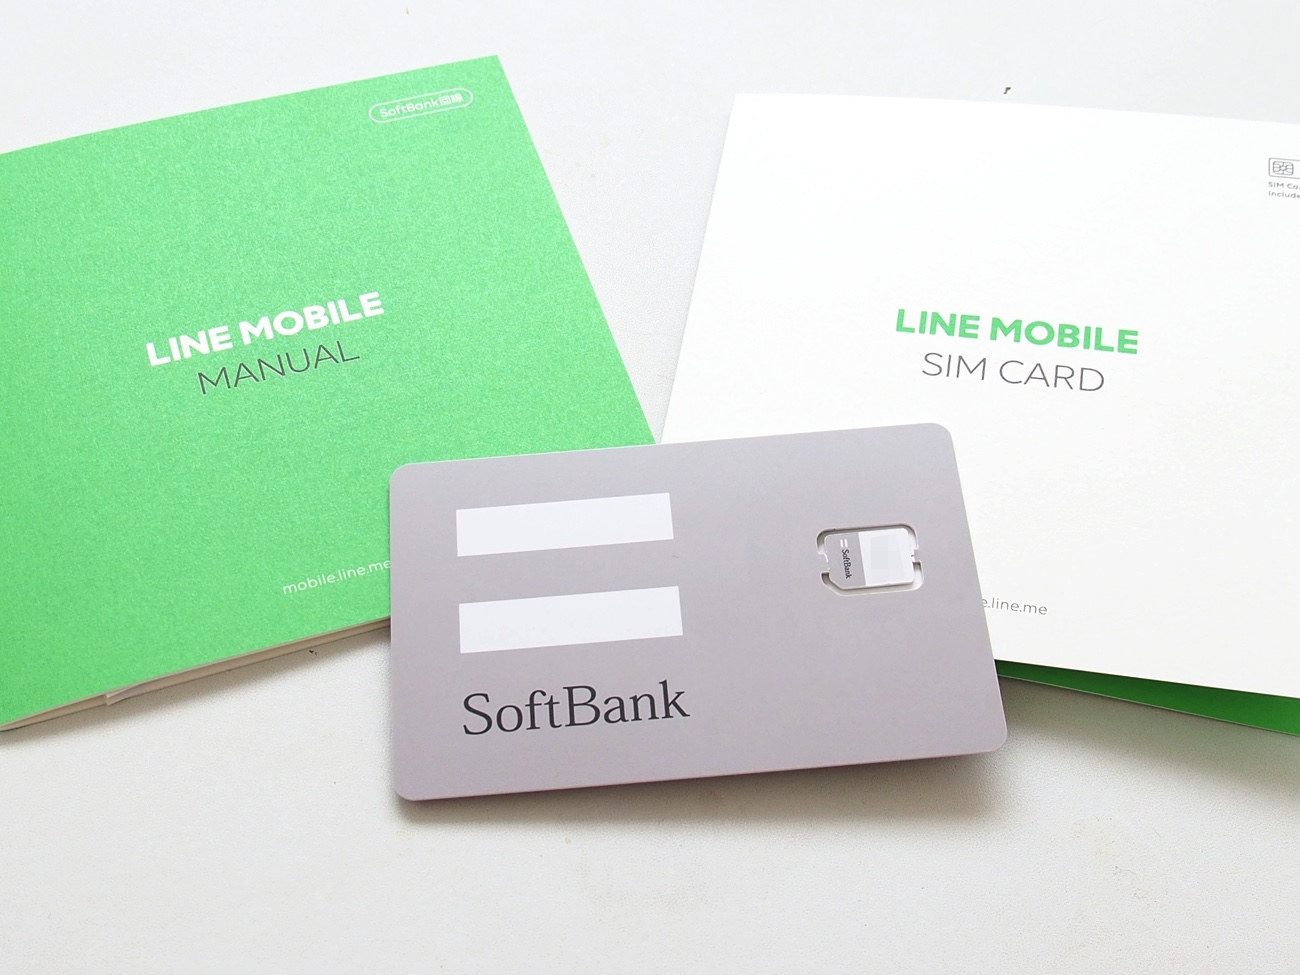 line モバイル データ sim